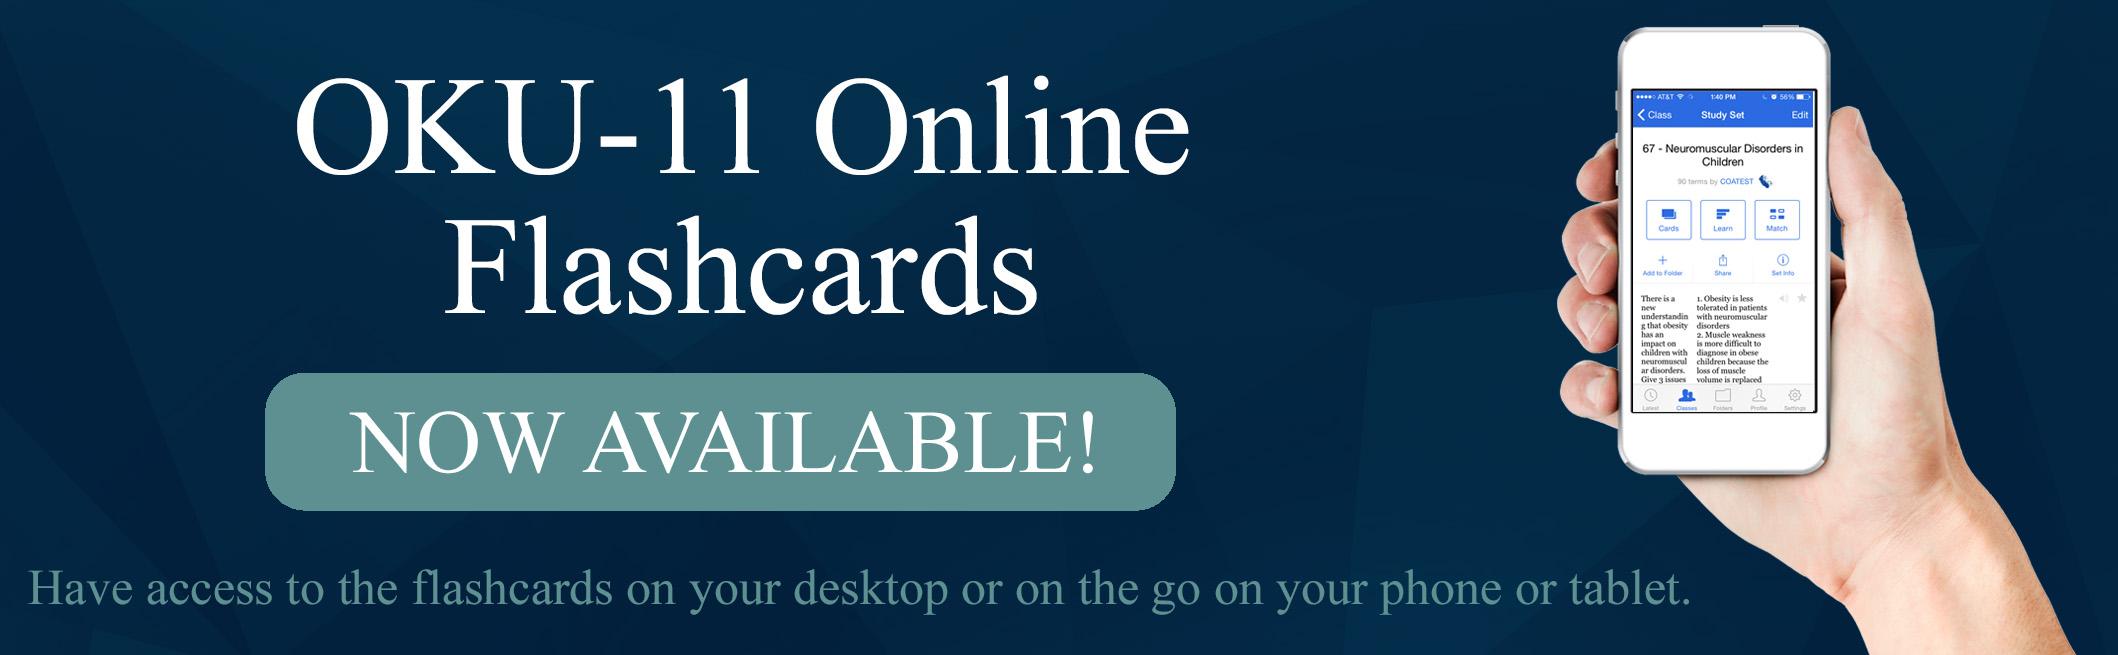 OKU-11 Study Flashcards